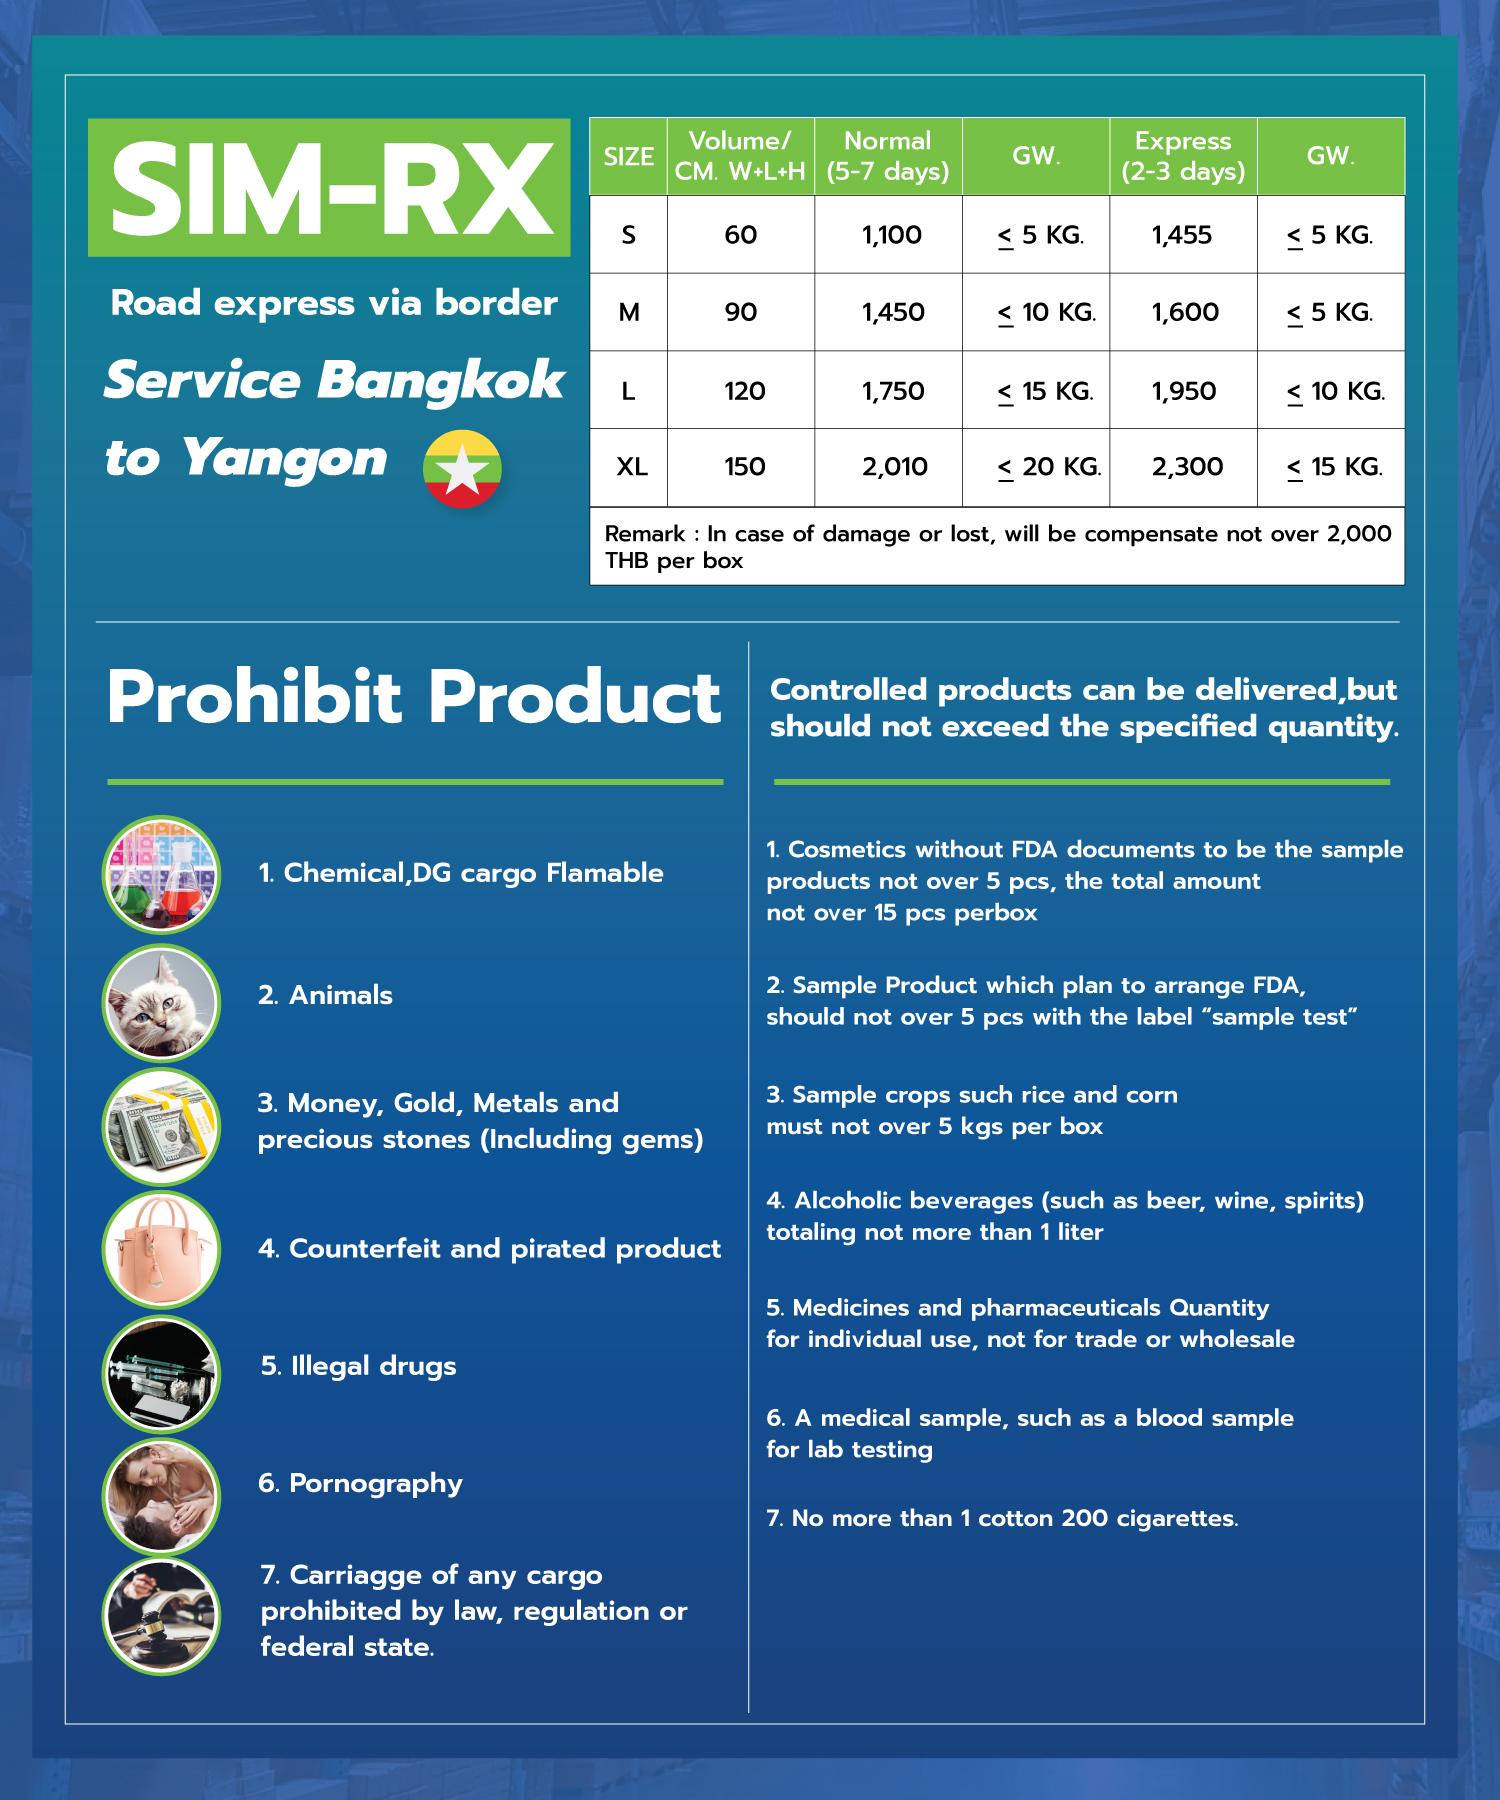 SIM-RX_EN_01